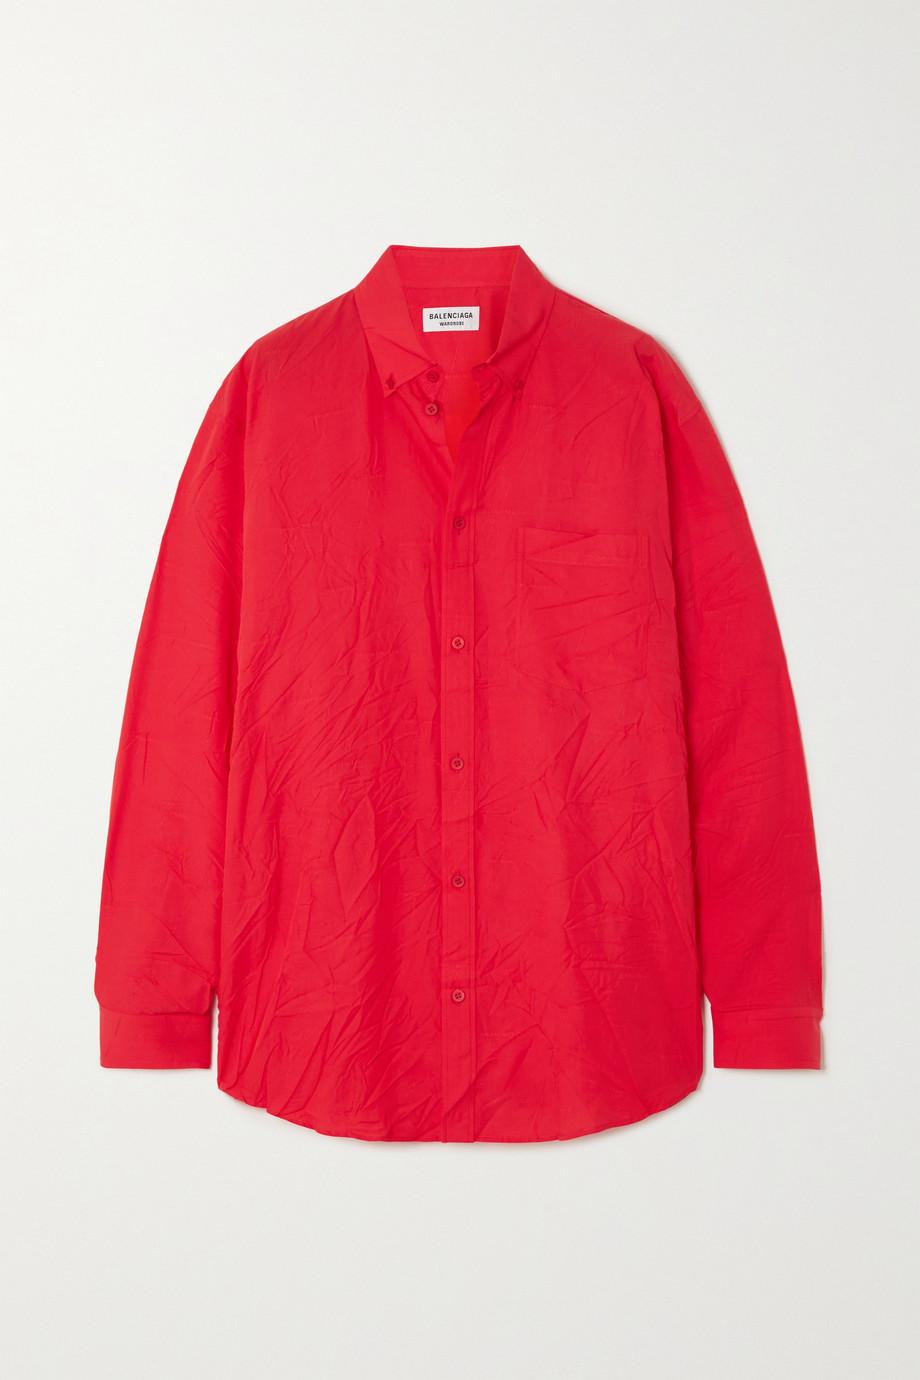 Balenciaga Crinkled Lyocell-jacquard shirt